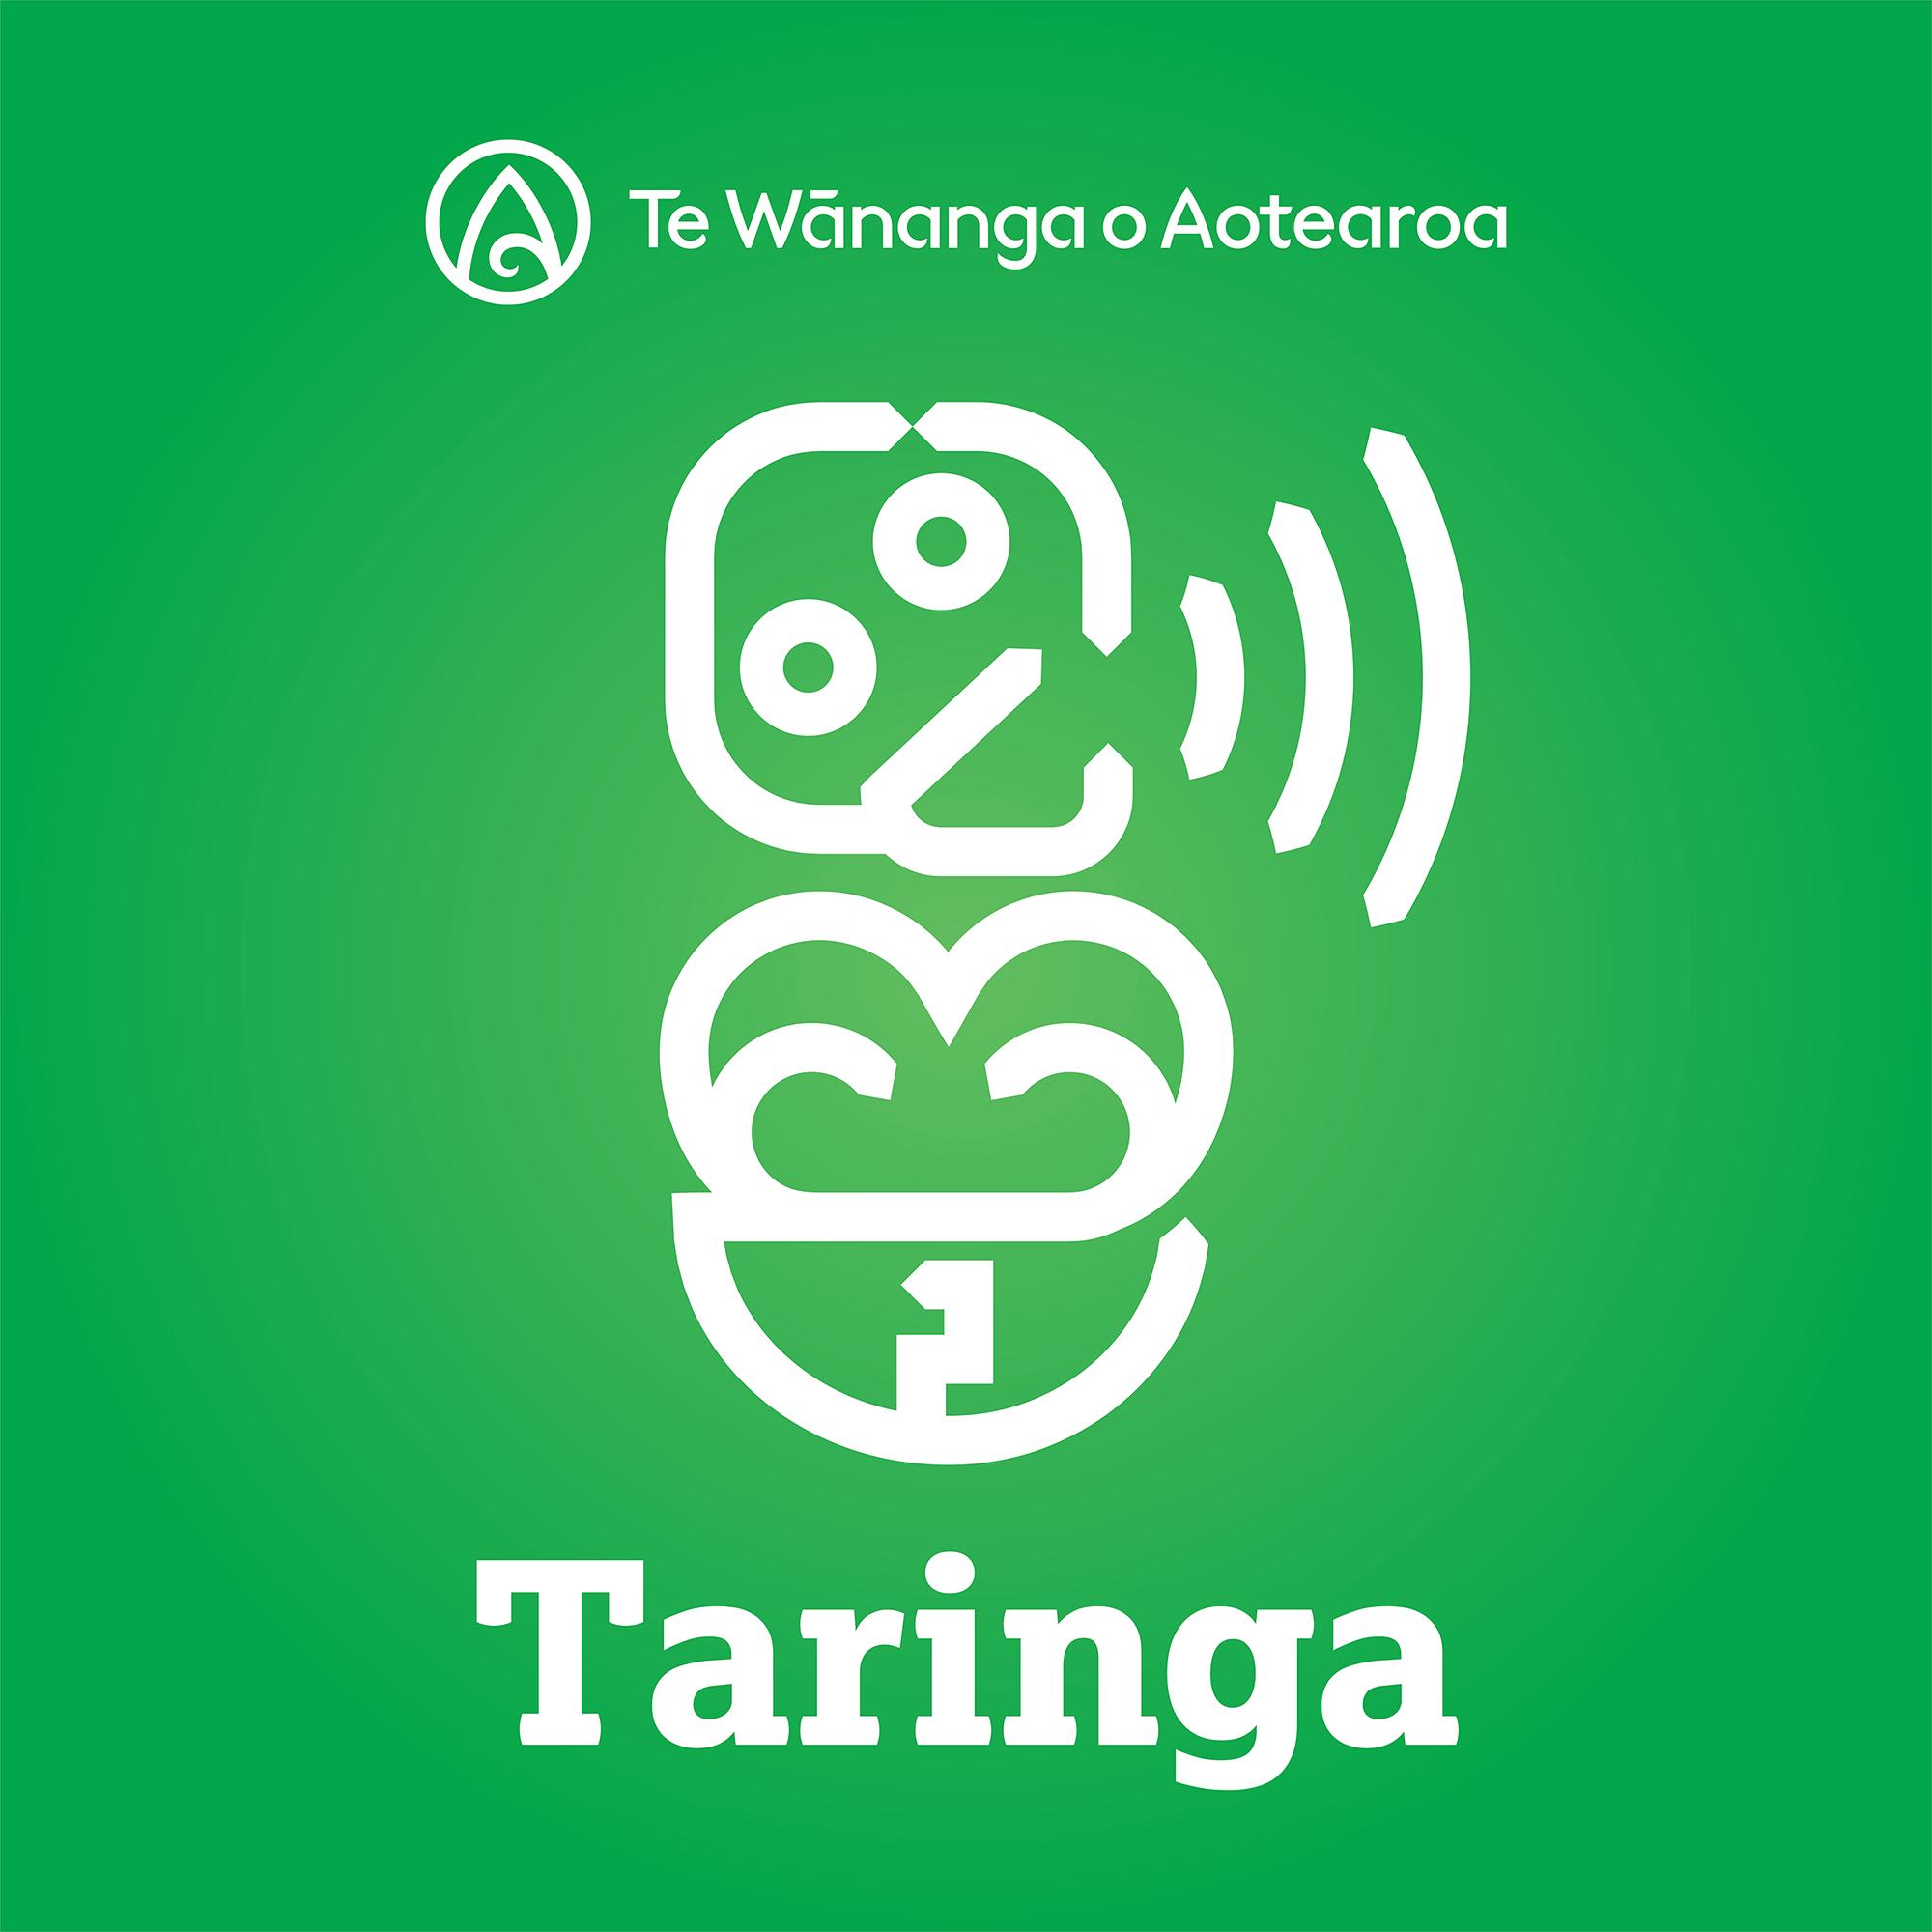 Taringa - Ep 61 - Tikanga 101 - Wairua